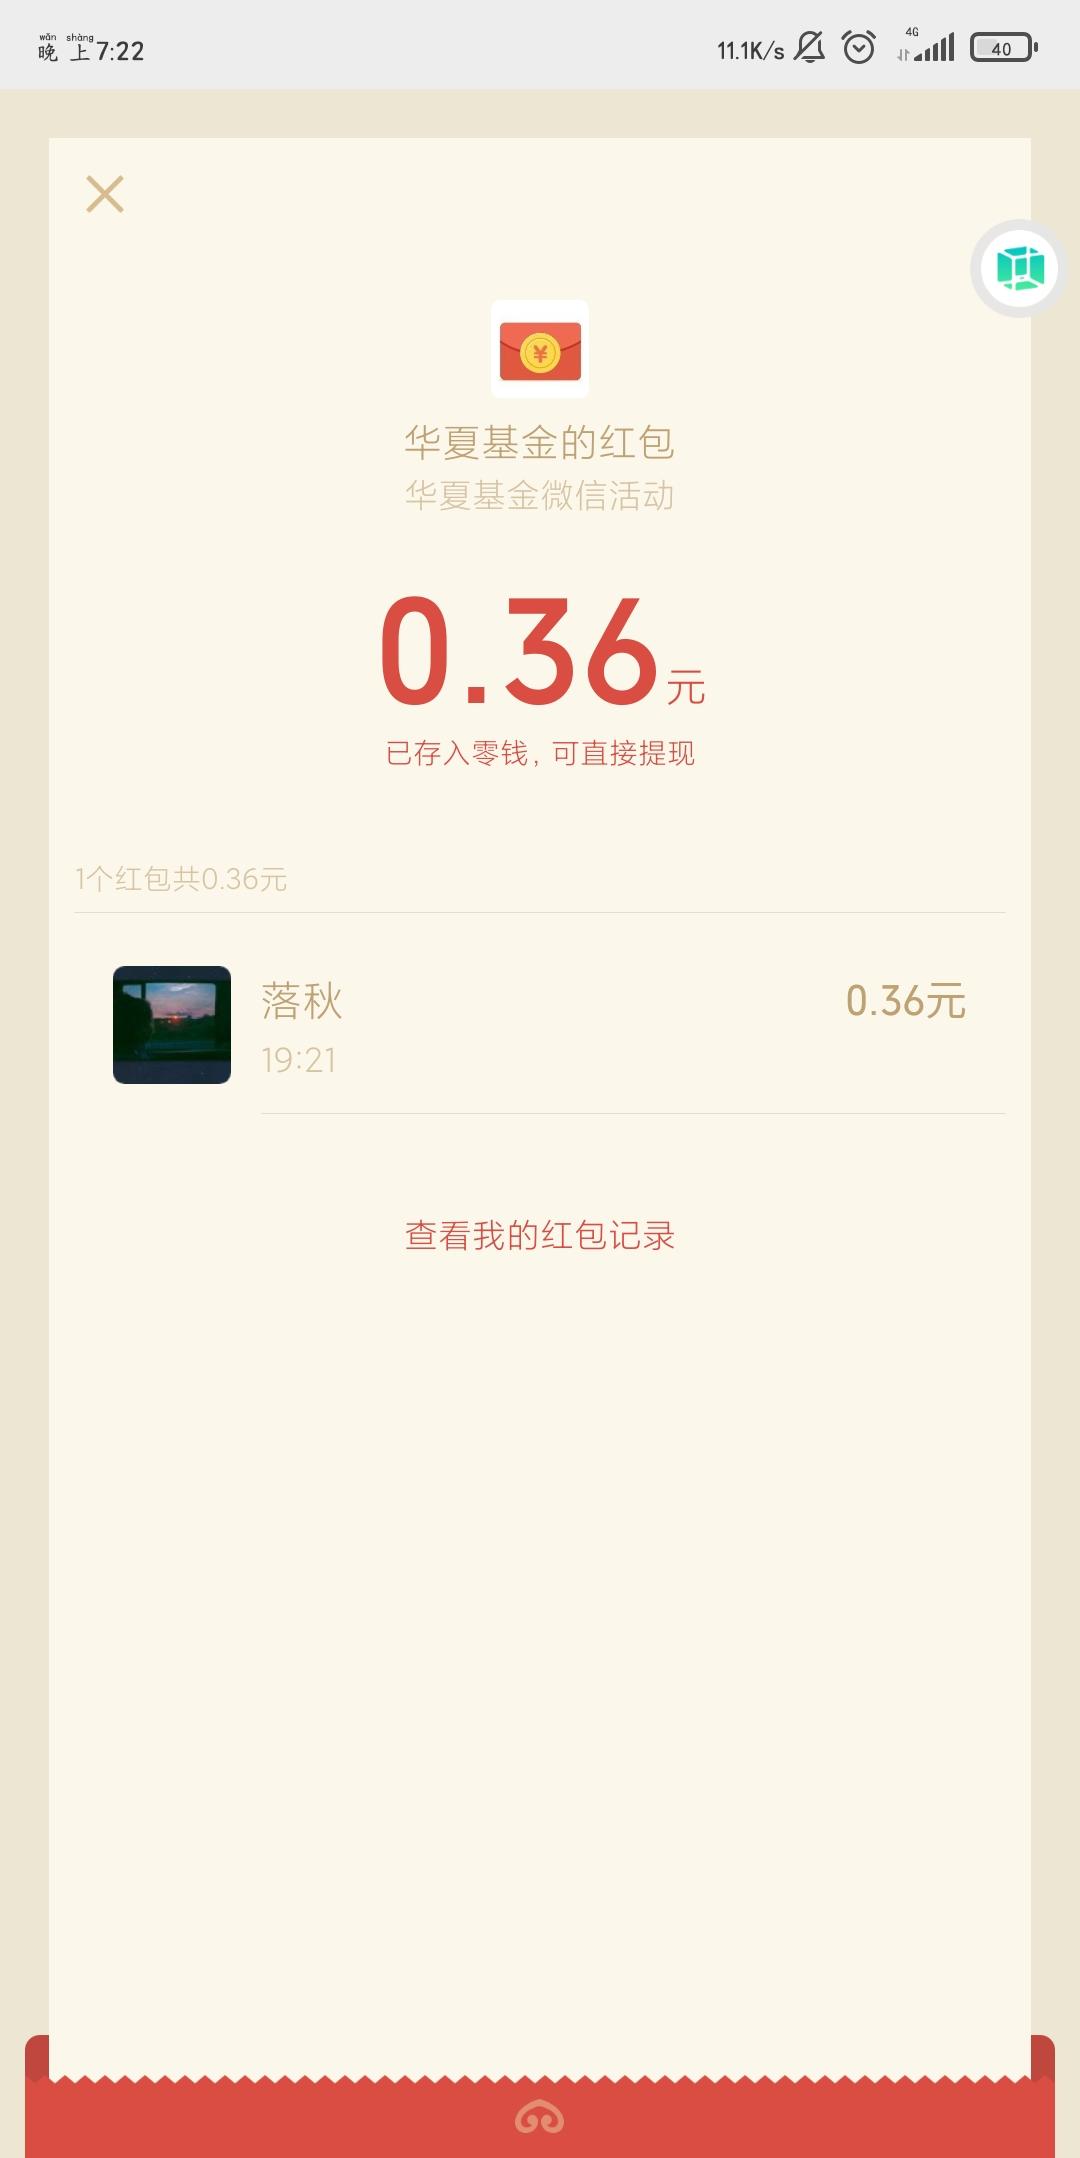 图片[1]-华夏基金点赞抽红包-老友薅羊毛活动线报网